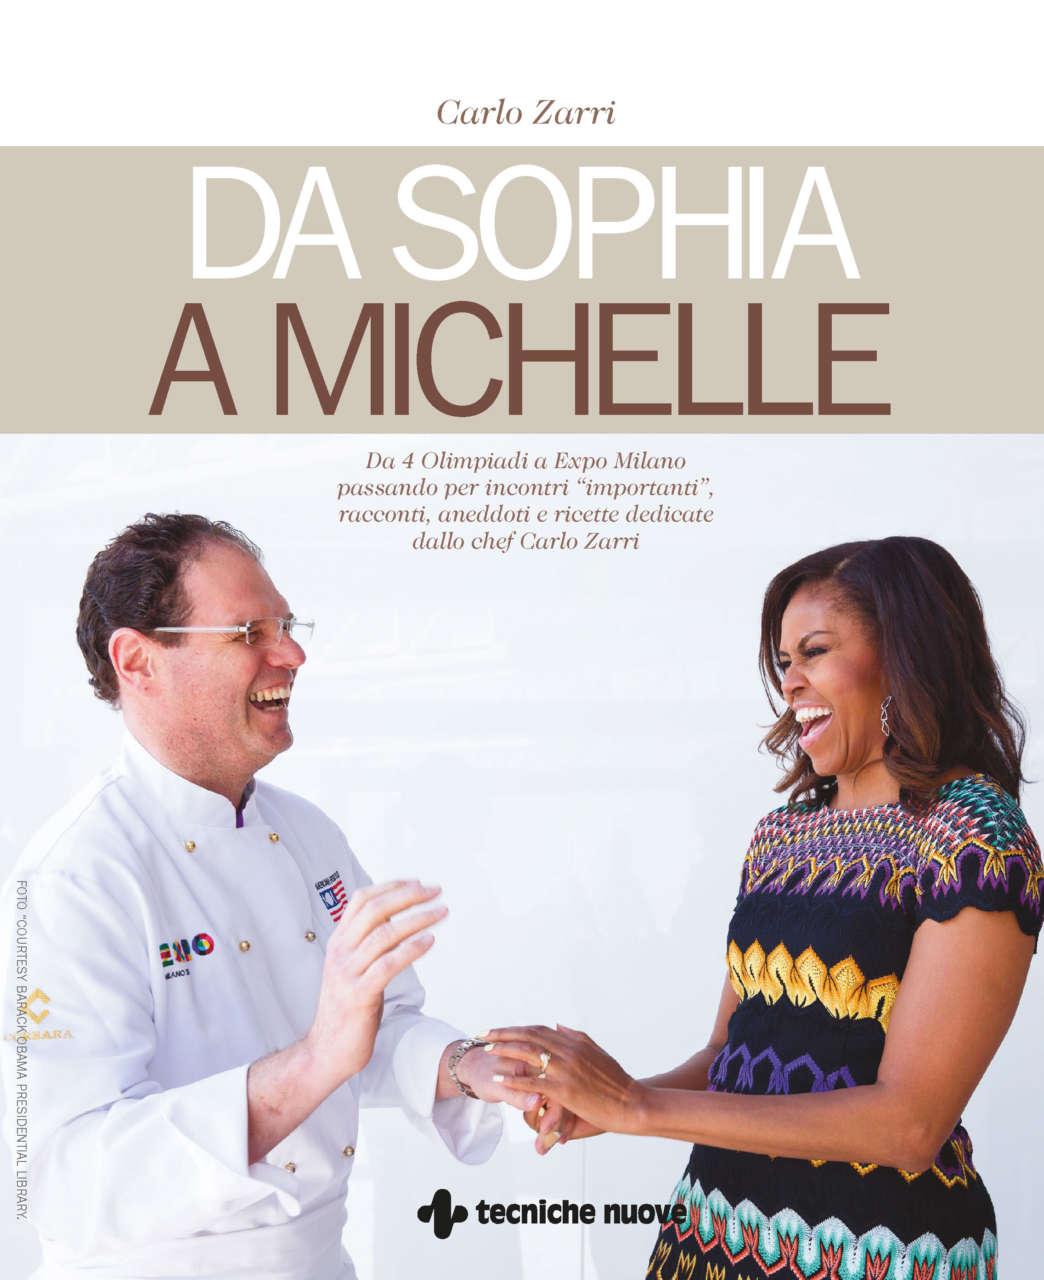 Da Sophia a Michelle (CN)